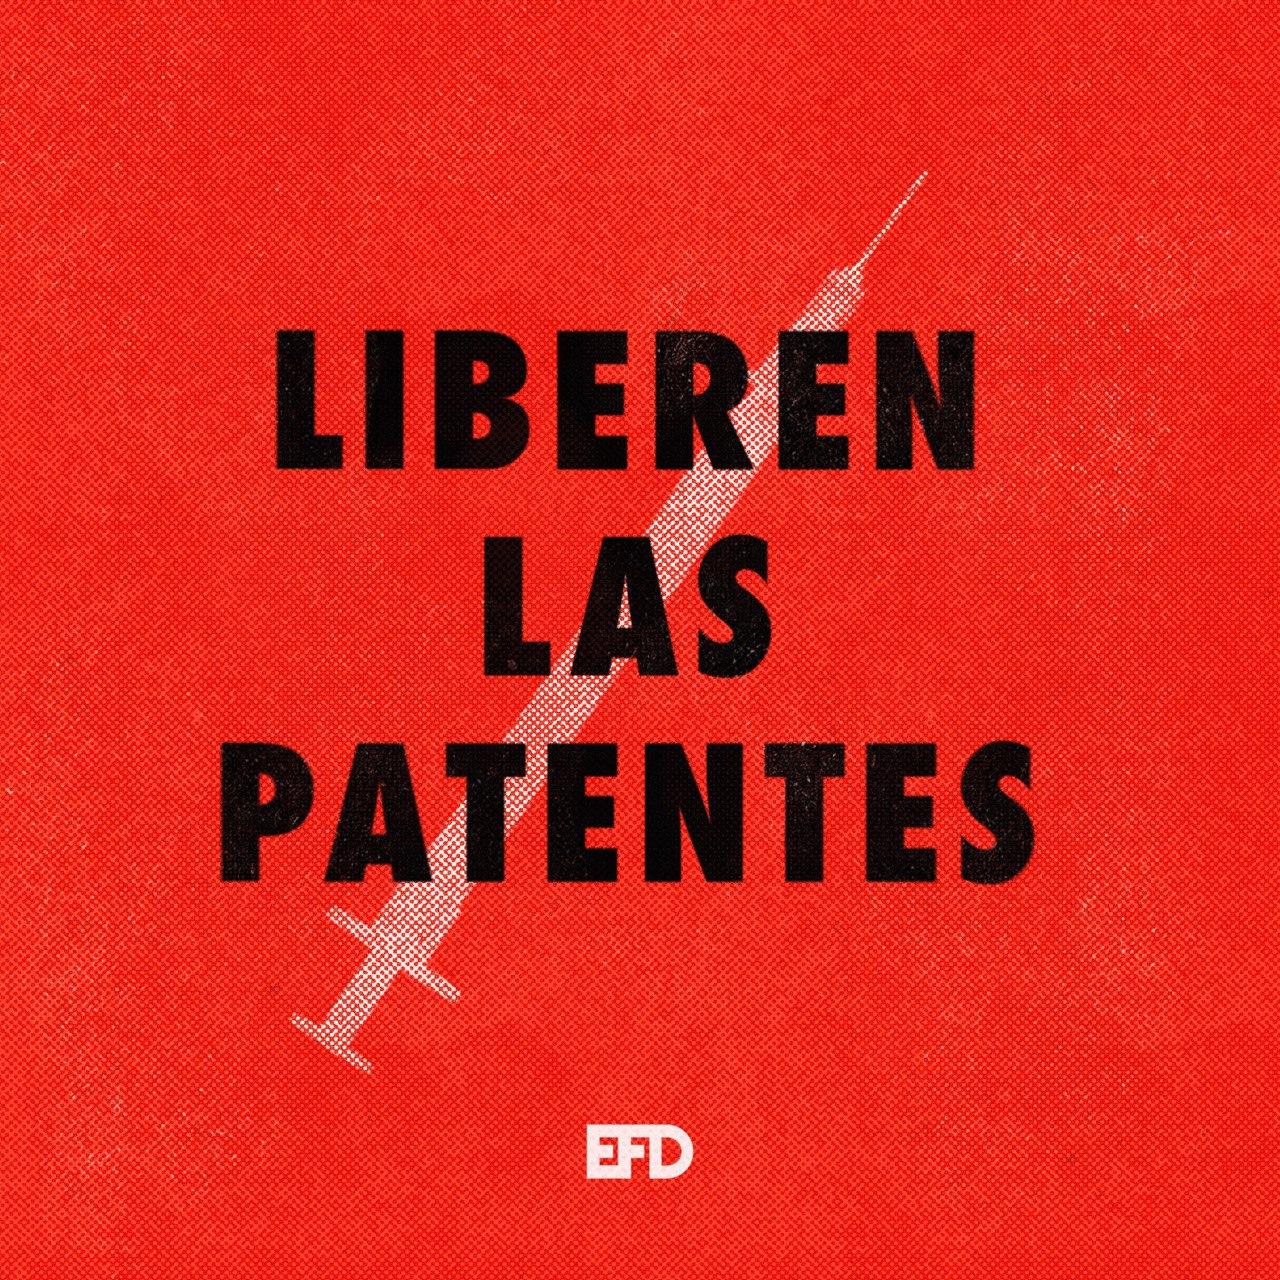 """Sobre un fondo rojo con una jeringa blanca en diagonal se encuentra el texto en negrita y mayúsculas de """"liberen las patentes"""""""